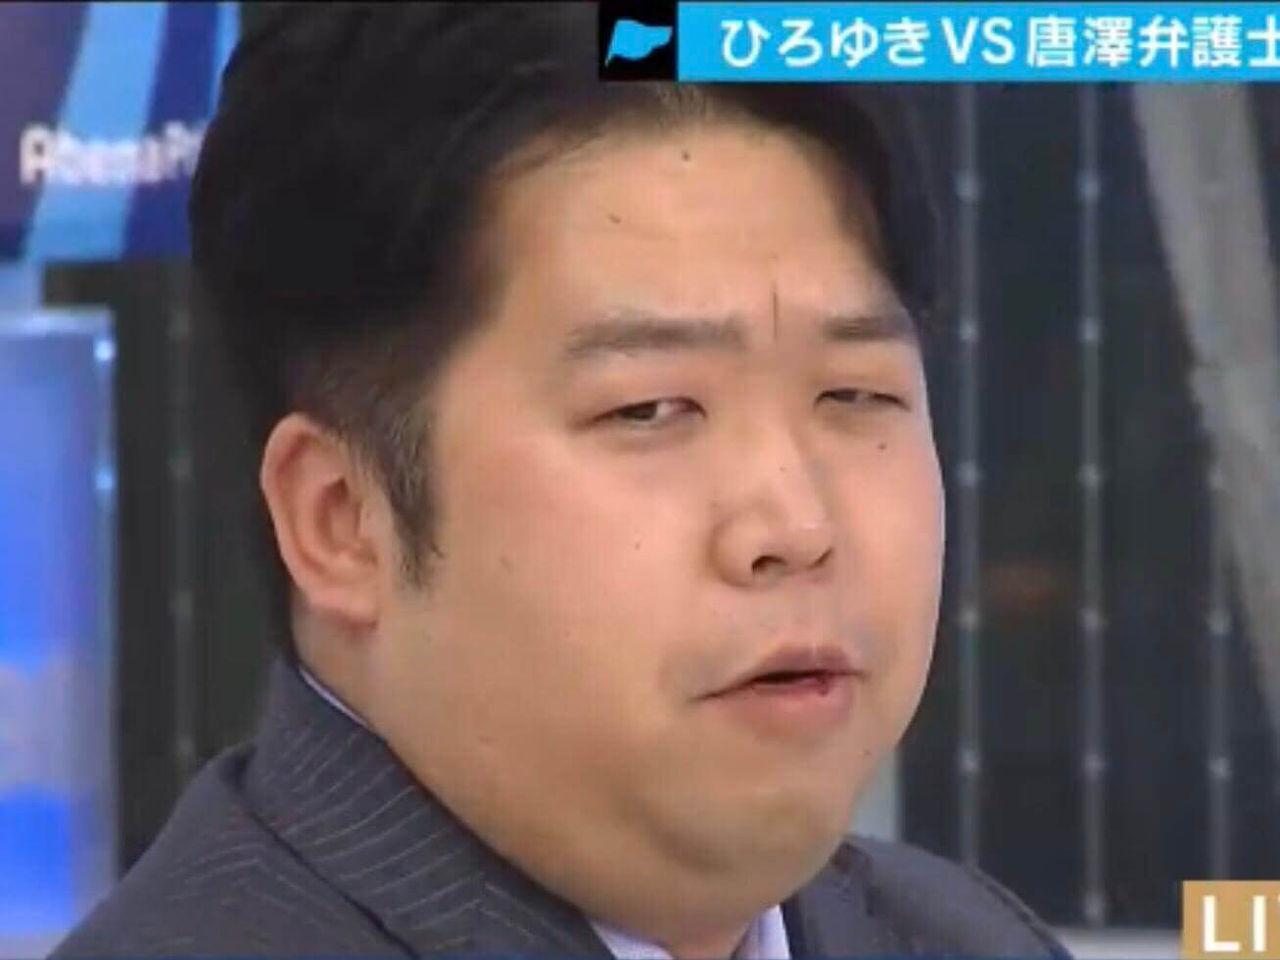 唐澤貴洋はなぜ炎上したのか無能が弁護士になった結果w 大物